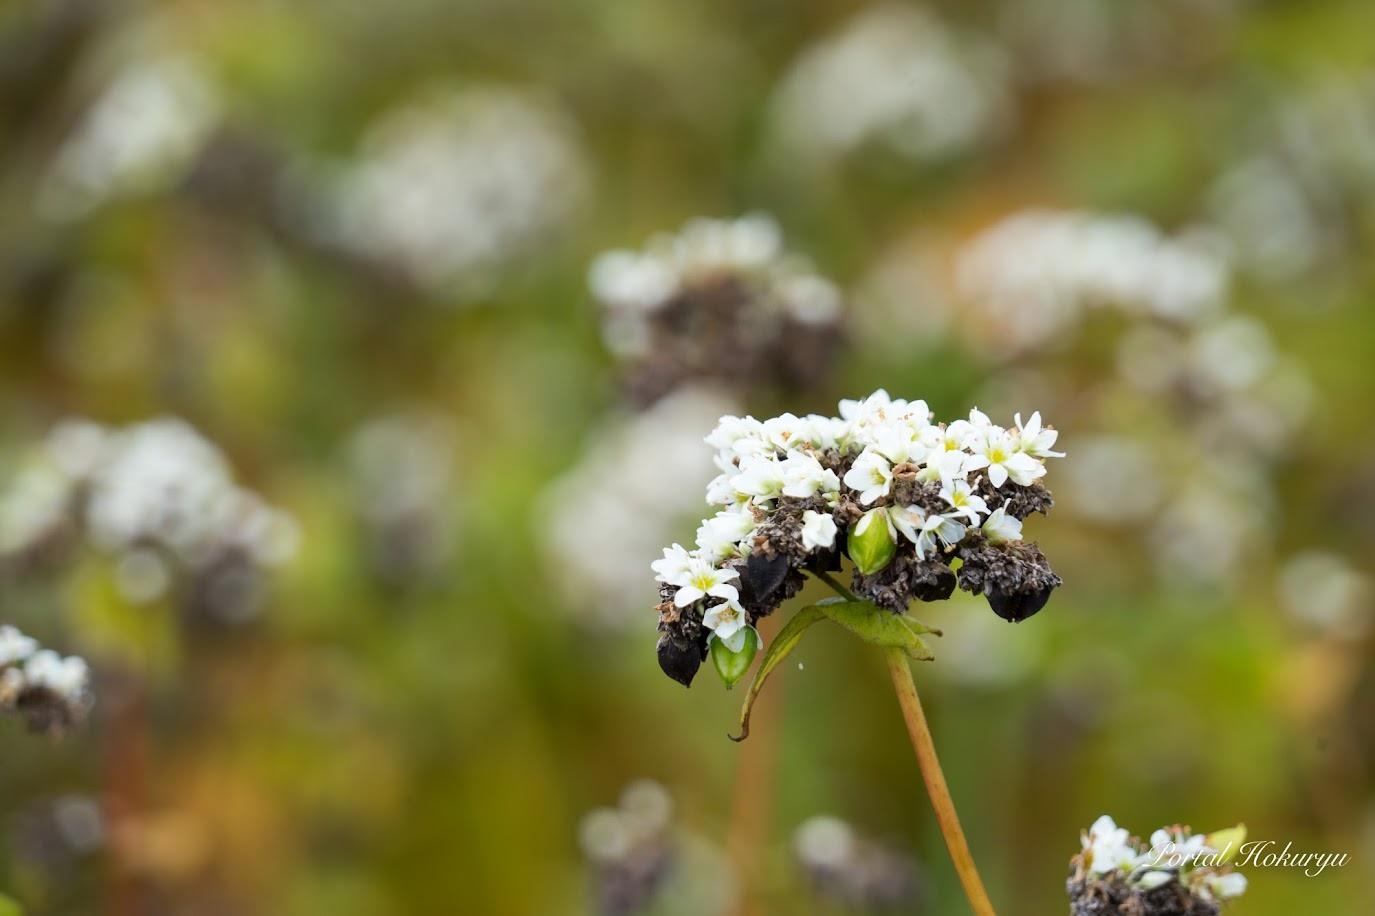 白い花と黒い実